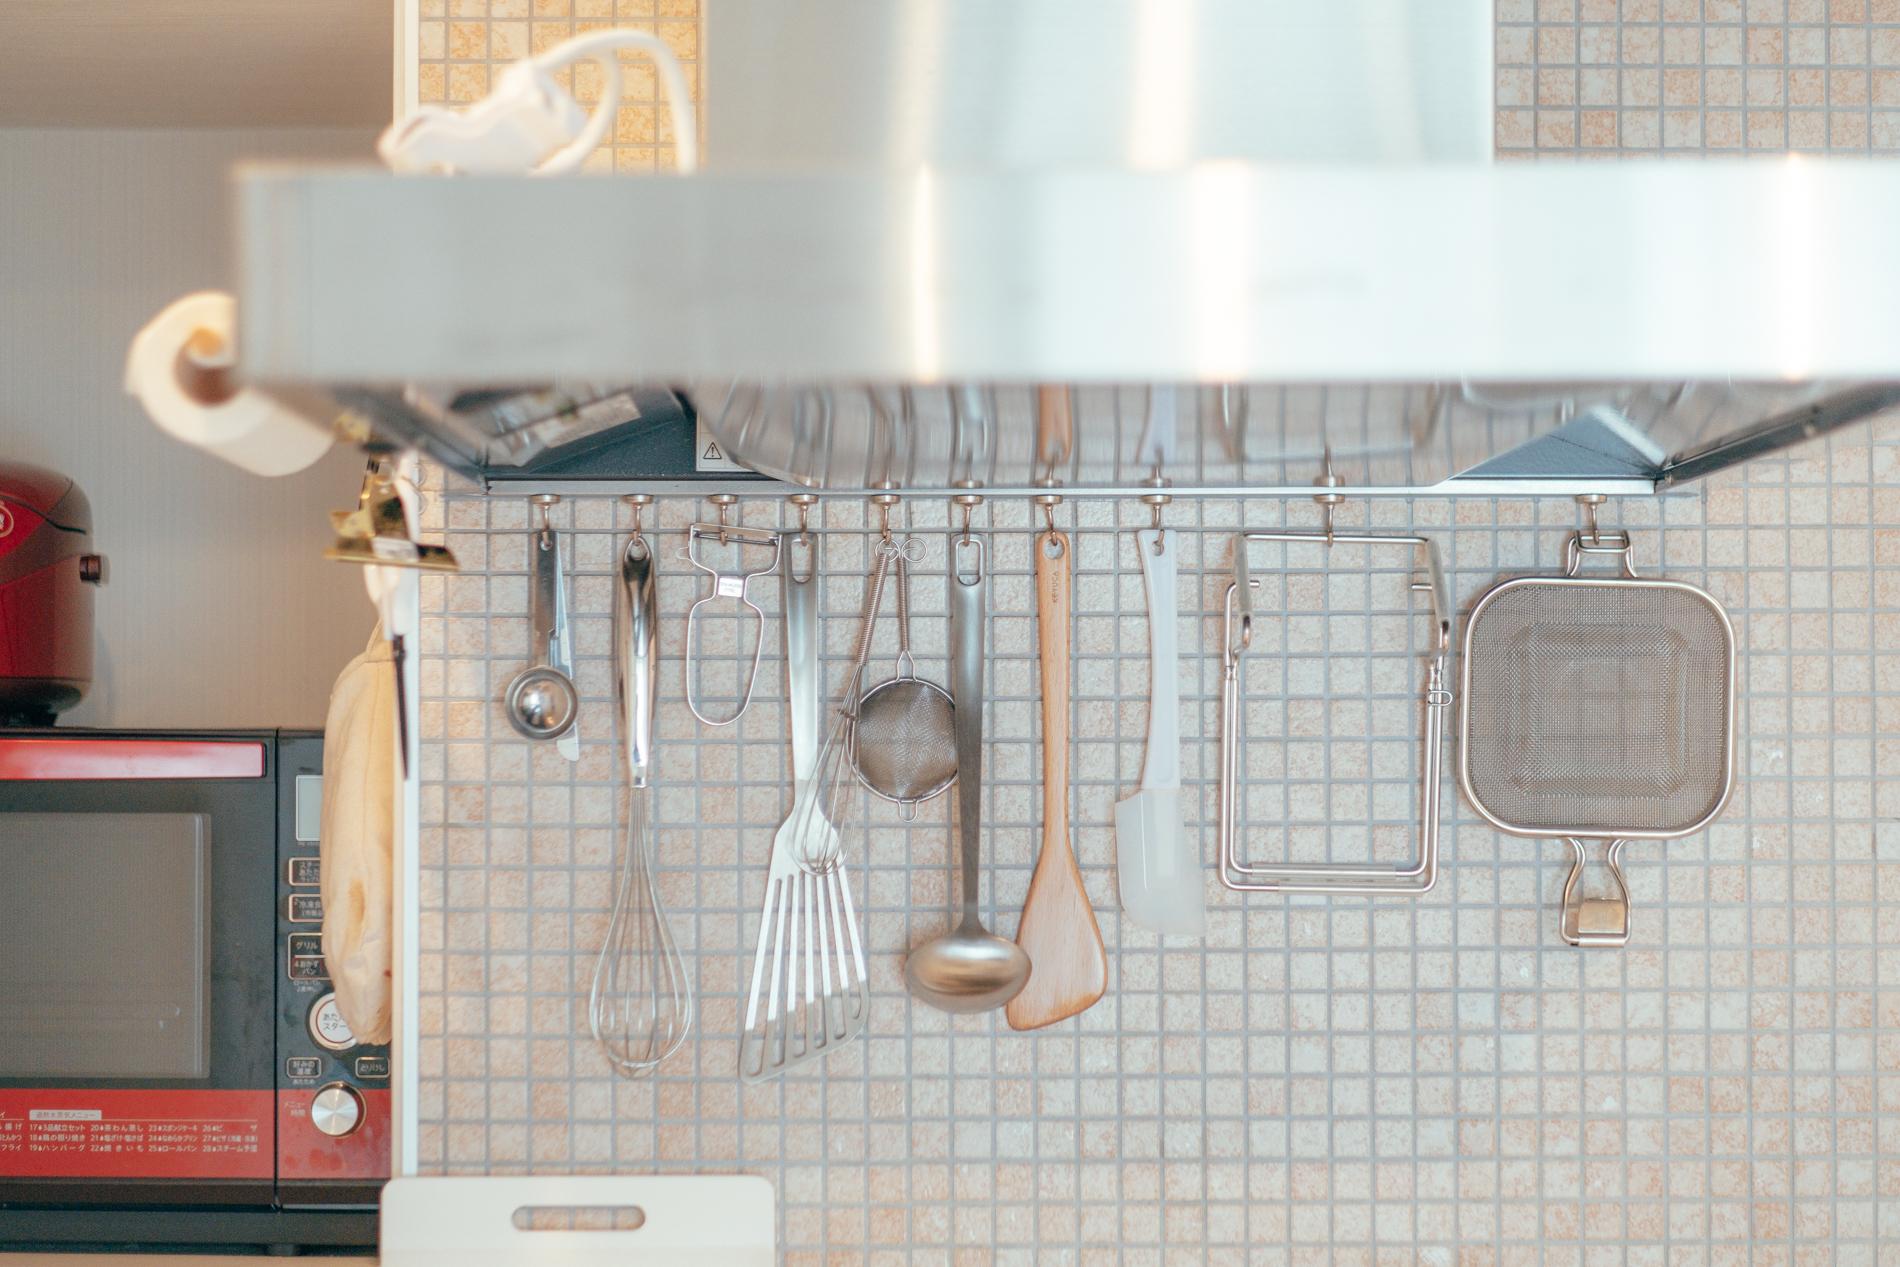 「キッチンアイテムも収納はあまり多くないのですが吊るして、収納箇所をプラスで作っています。」